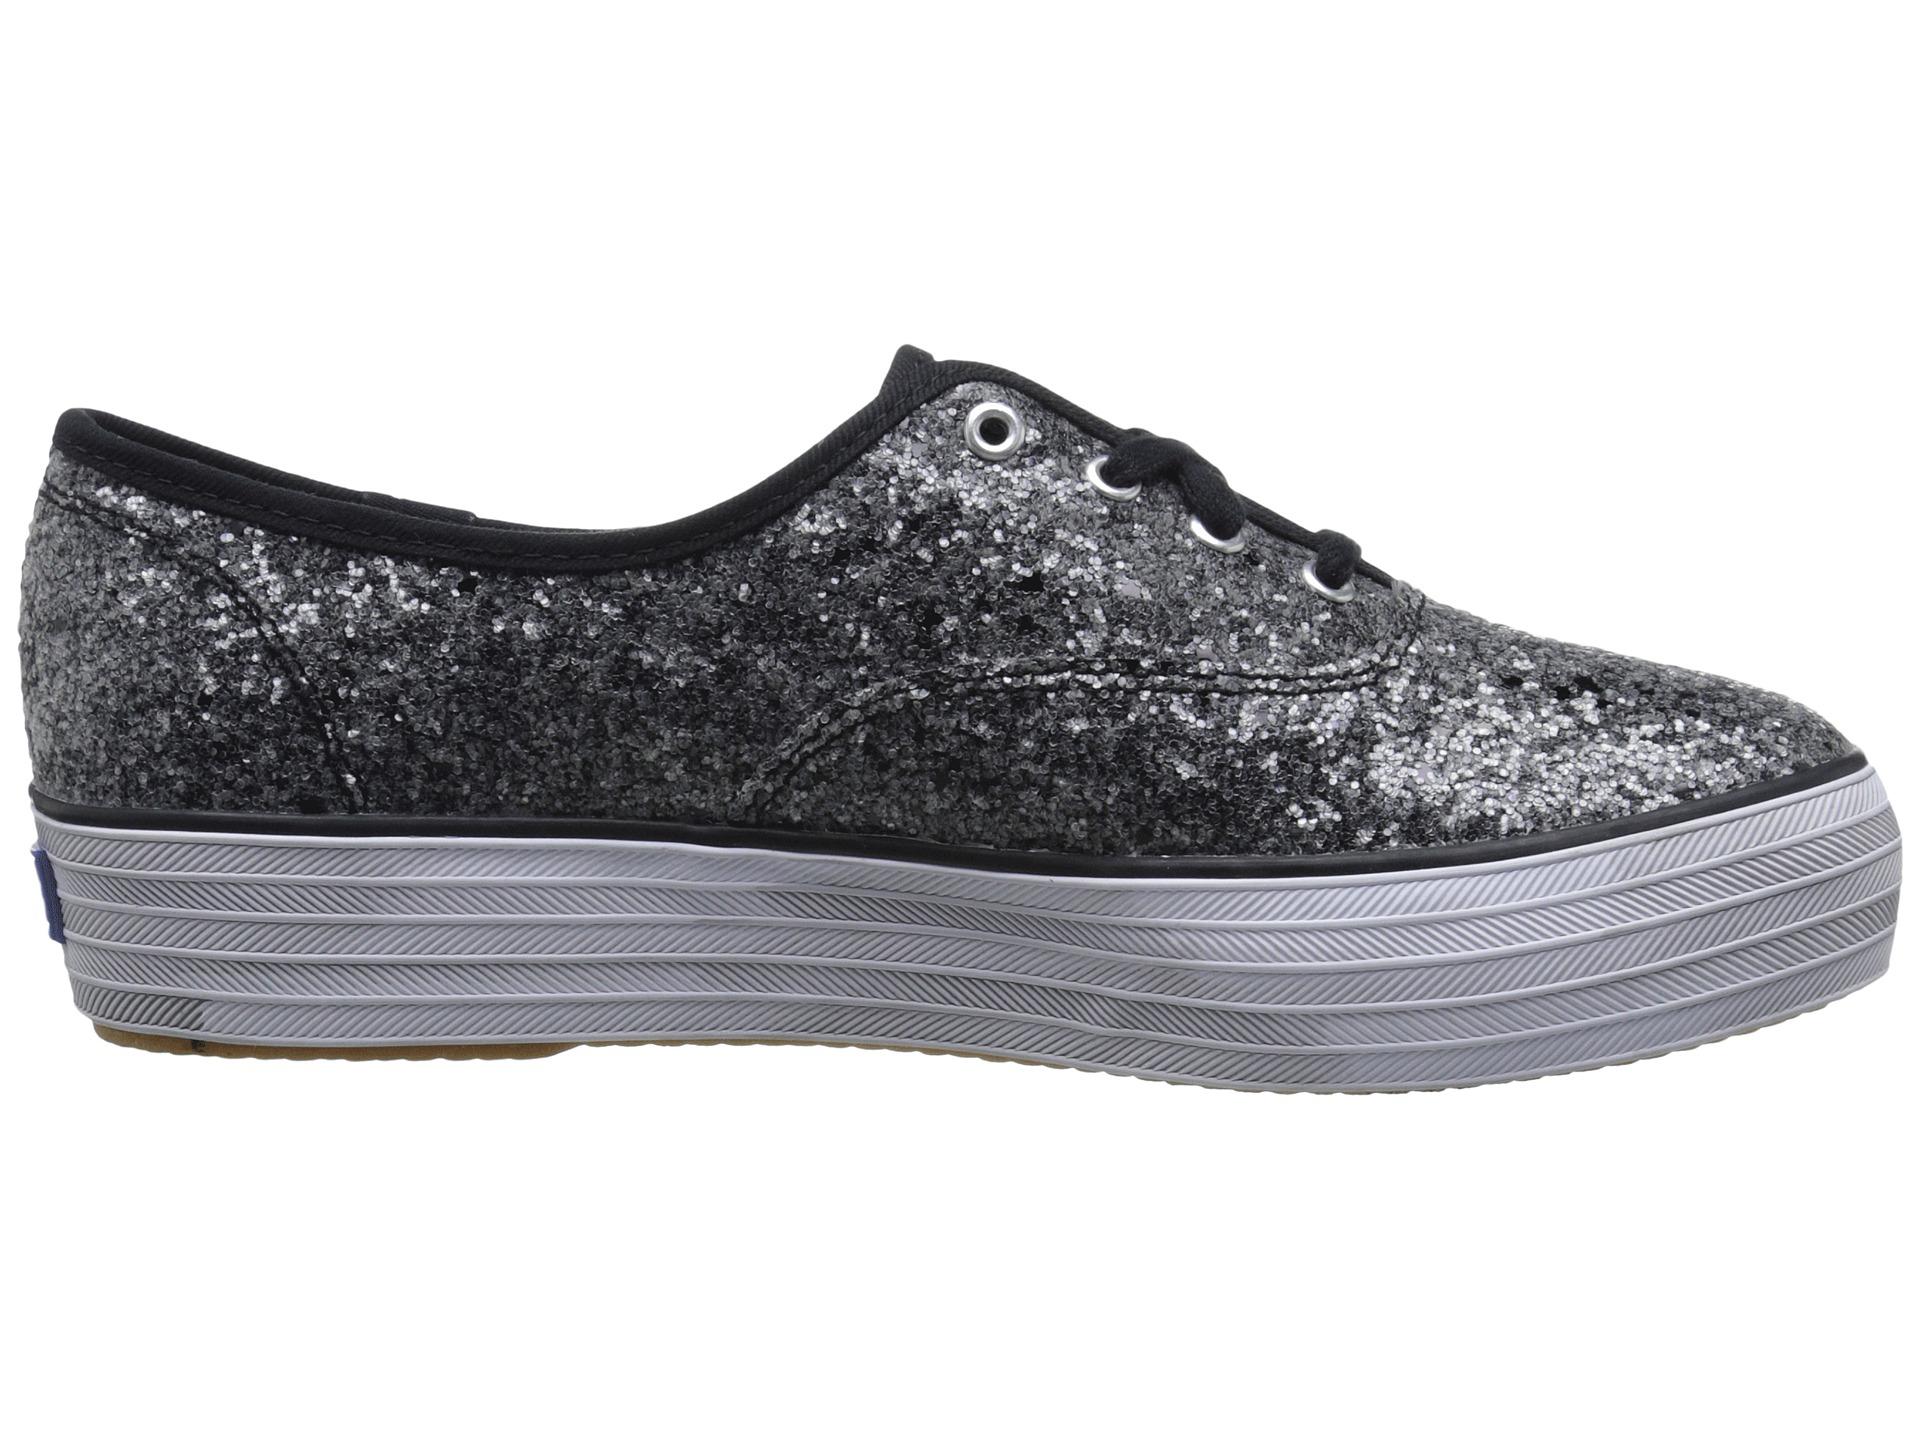 keds sneakers for women glitter